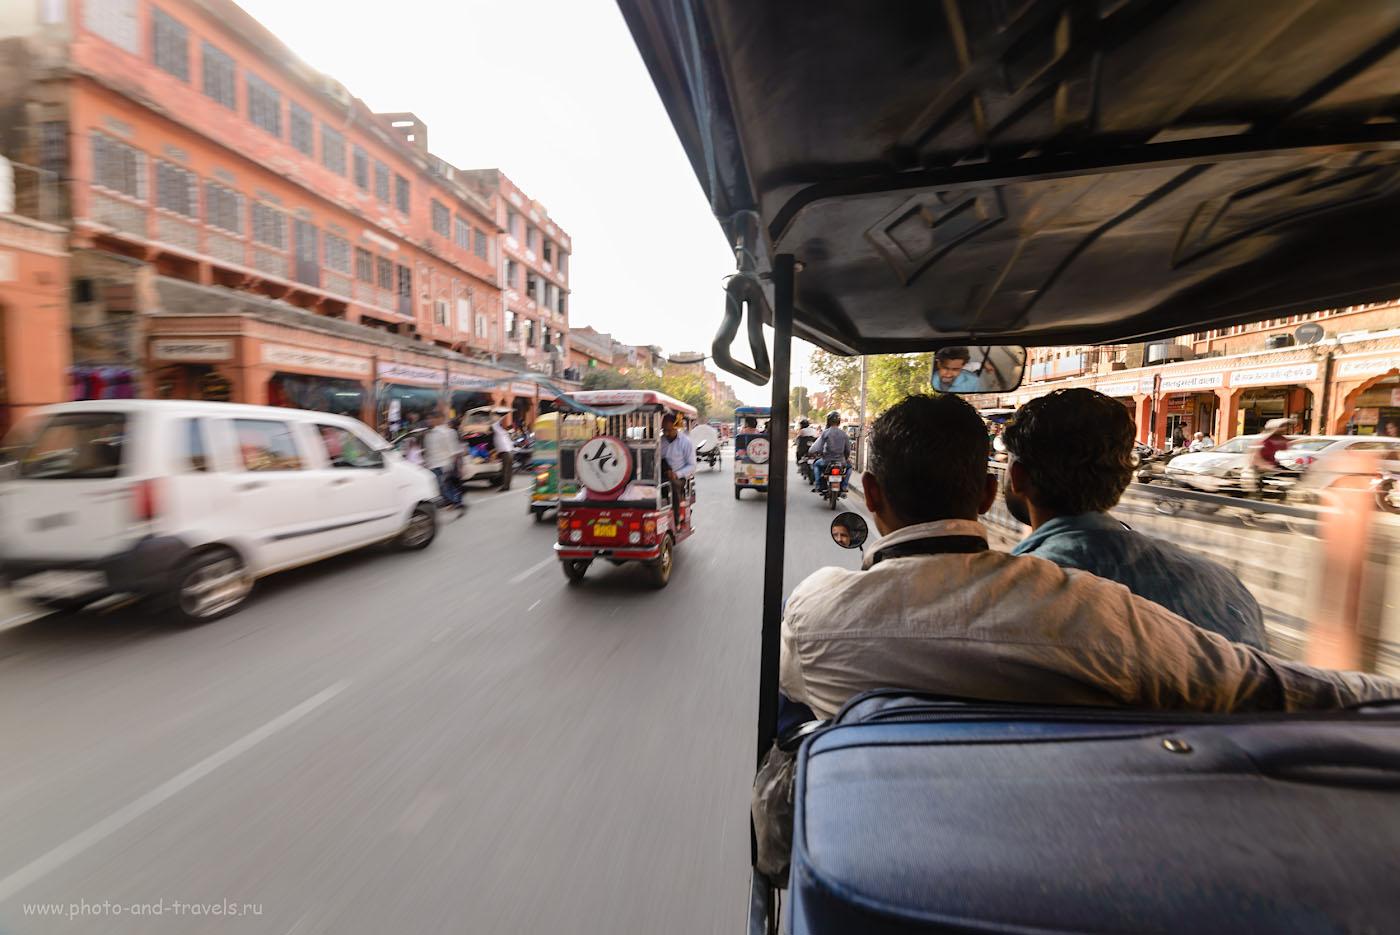 Фото 25. Поездка по улицам Джайпура, называемого «Розовым городом» - то еще приключение. Фотоаппарат Никон Д610 и ширик Самъянг 14мм f/2.8. Настройки: 1/30, 9.0, 100,14.